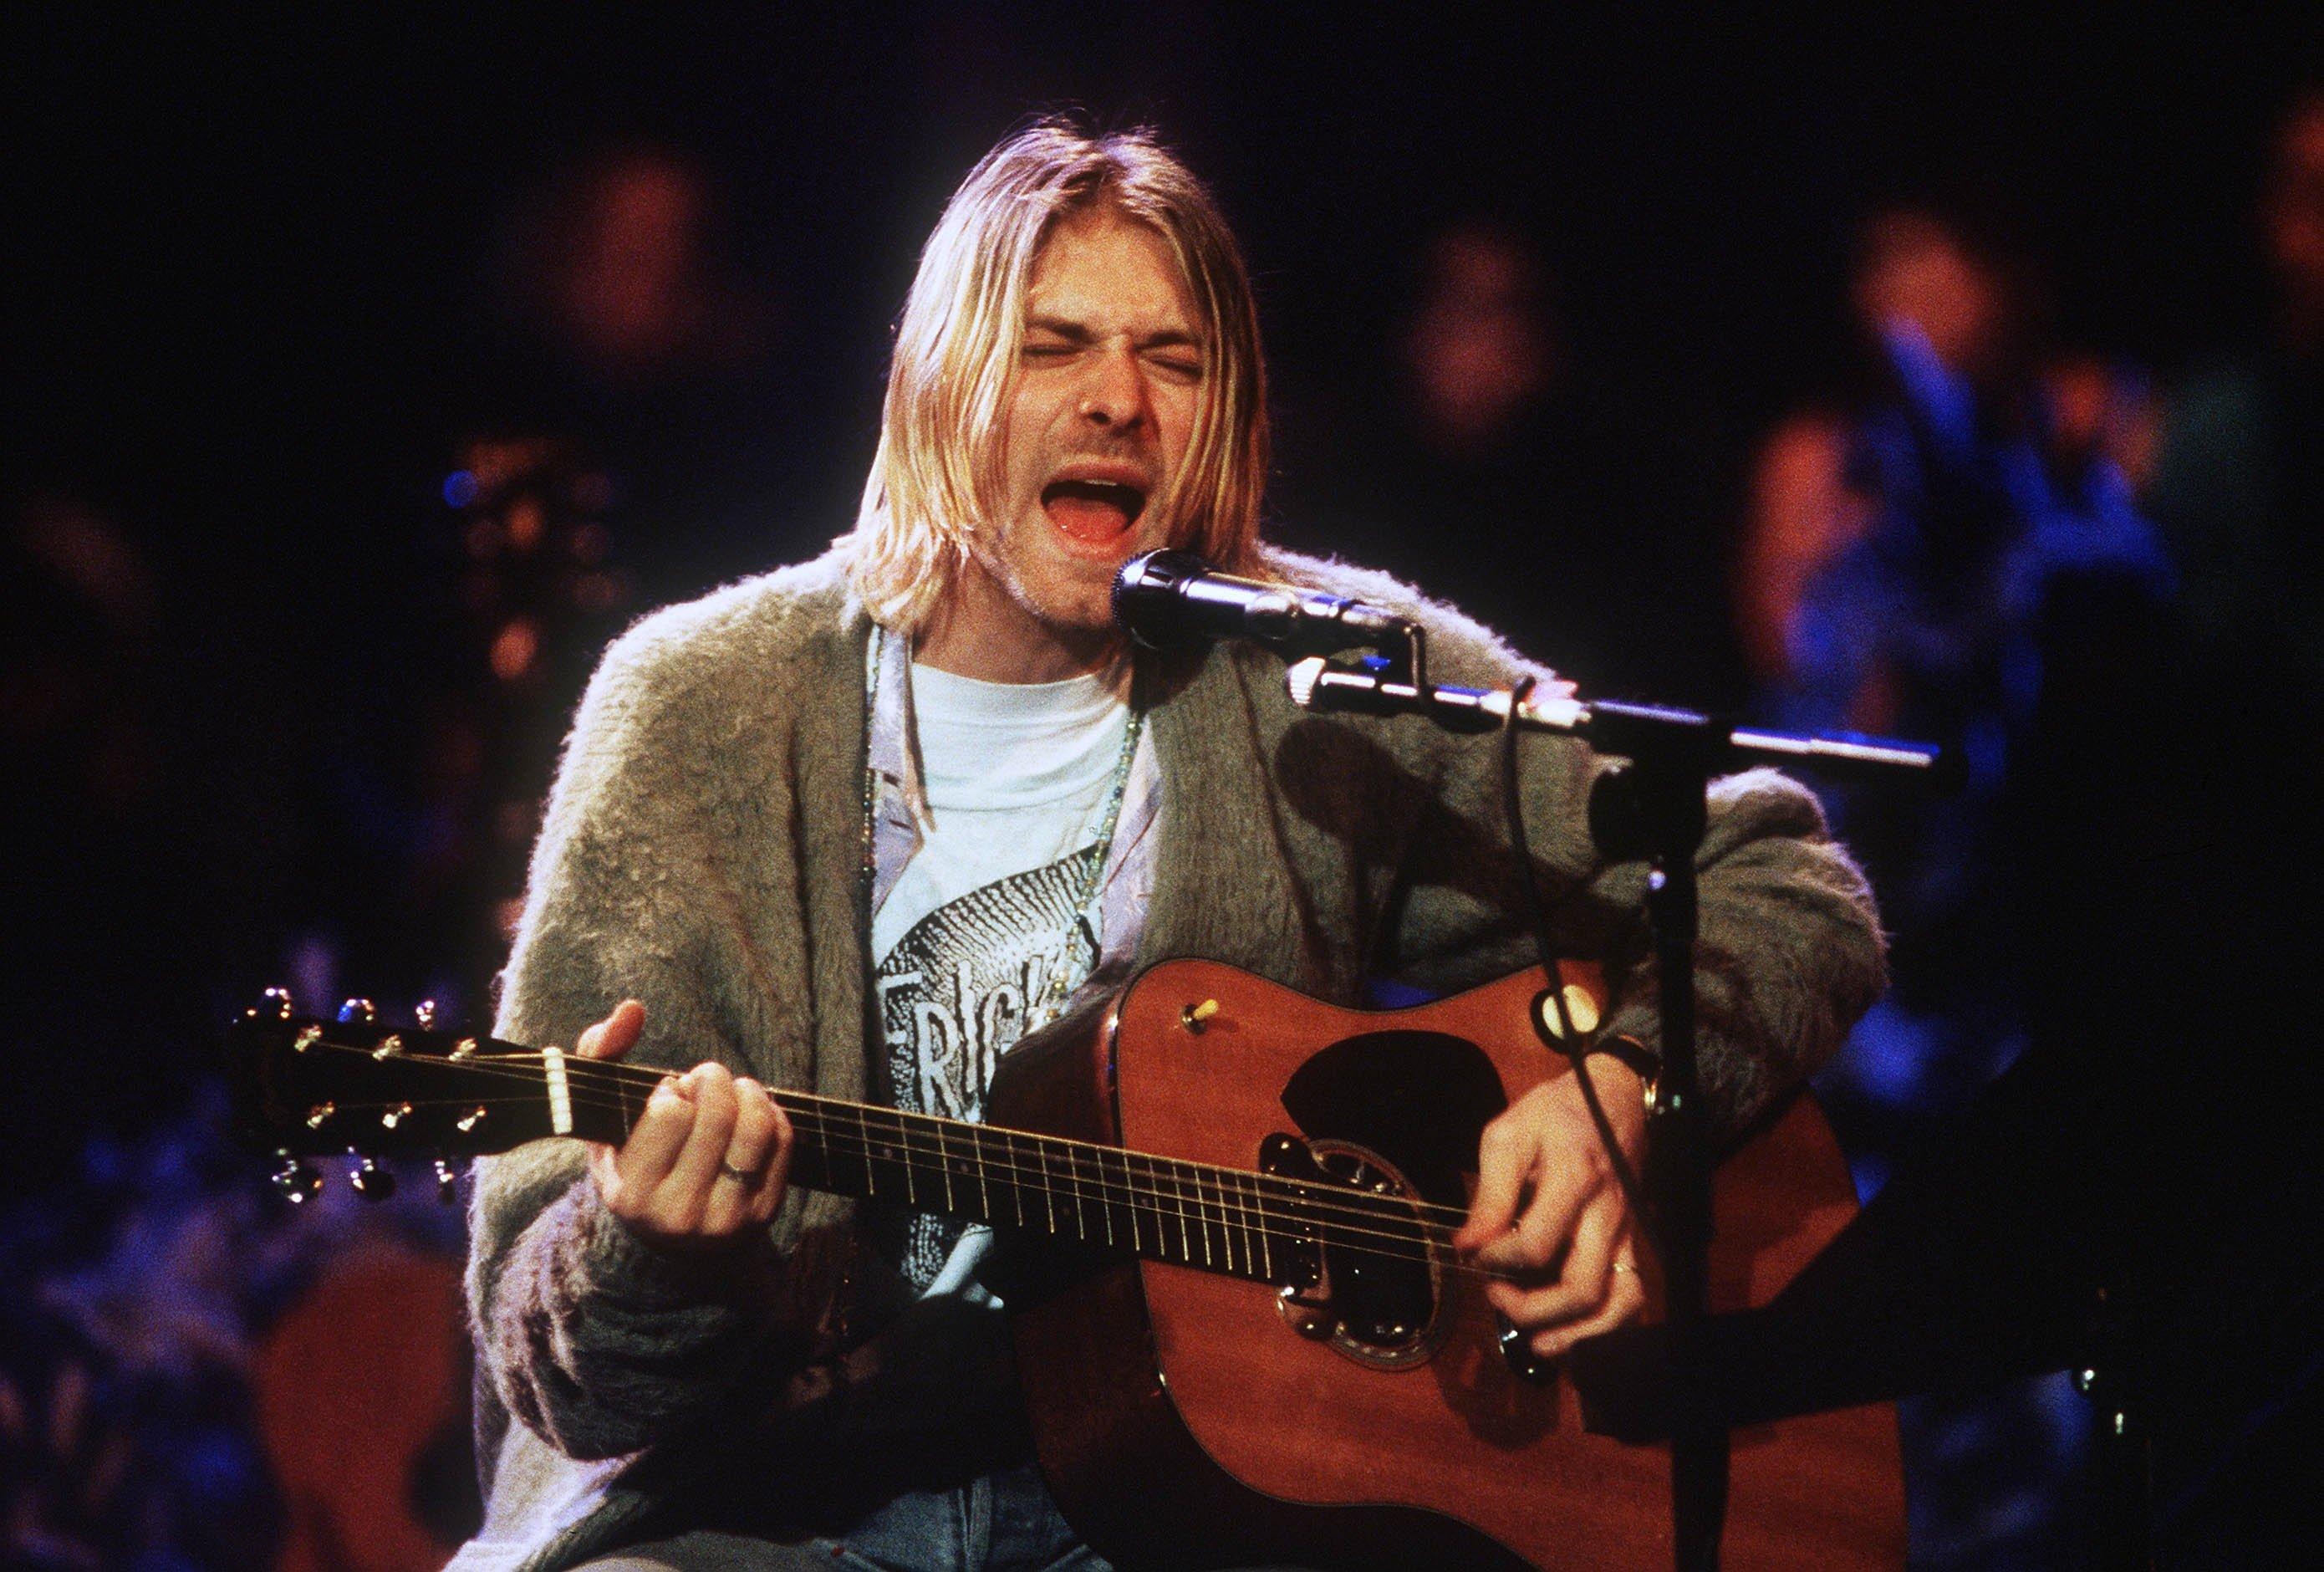 Kurt Cobain Wallpapers 2780x1880 NN93GF7 WallpapersExpertcom 2780x1880